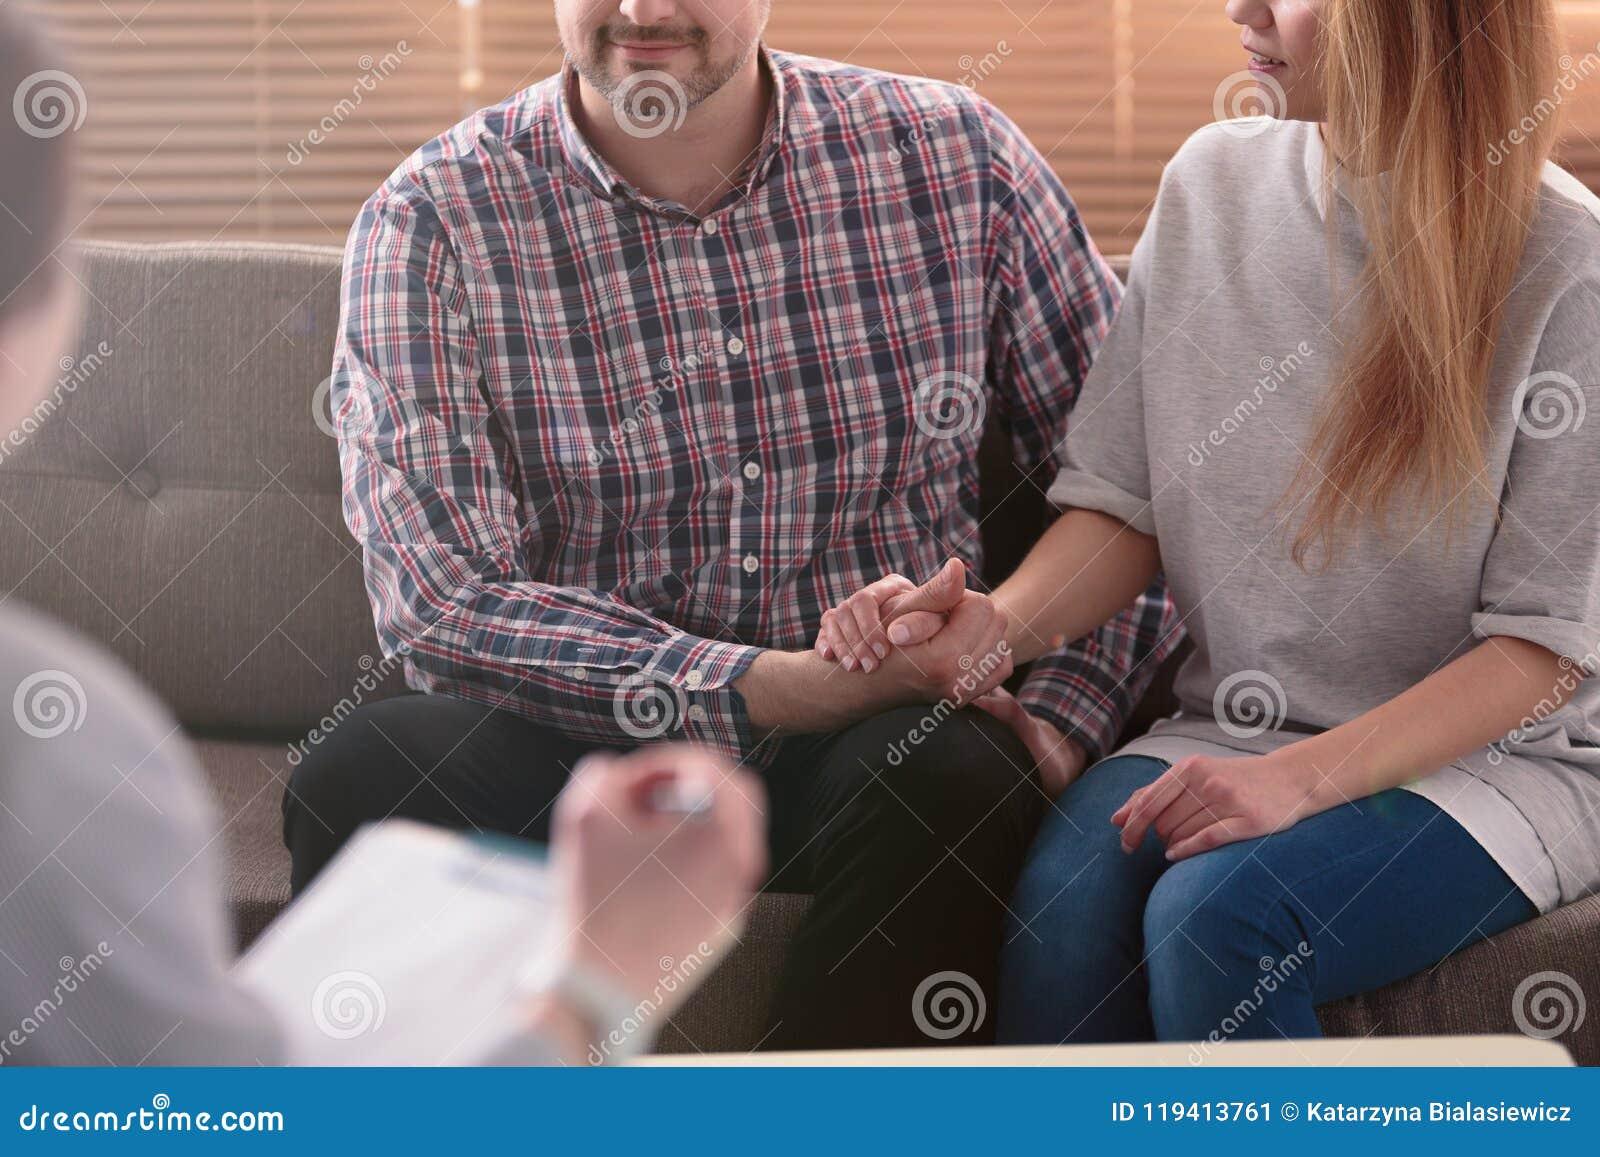 Close-up da mulher e do homem que guardam as mãos em um sofá durante um psyc